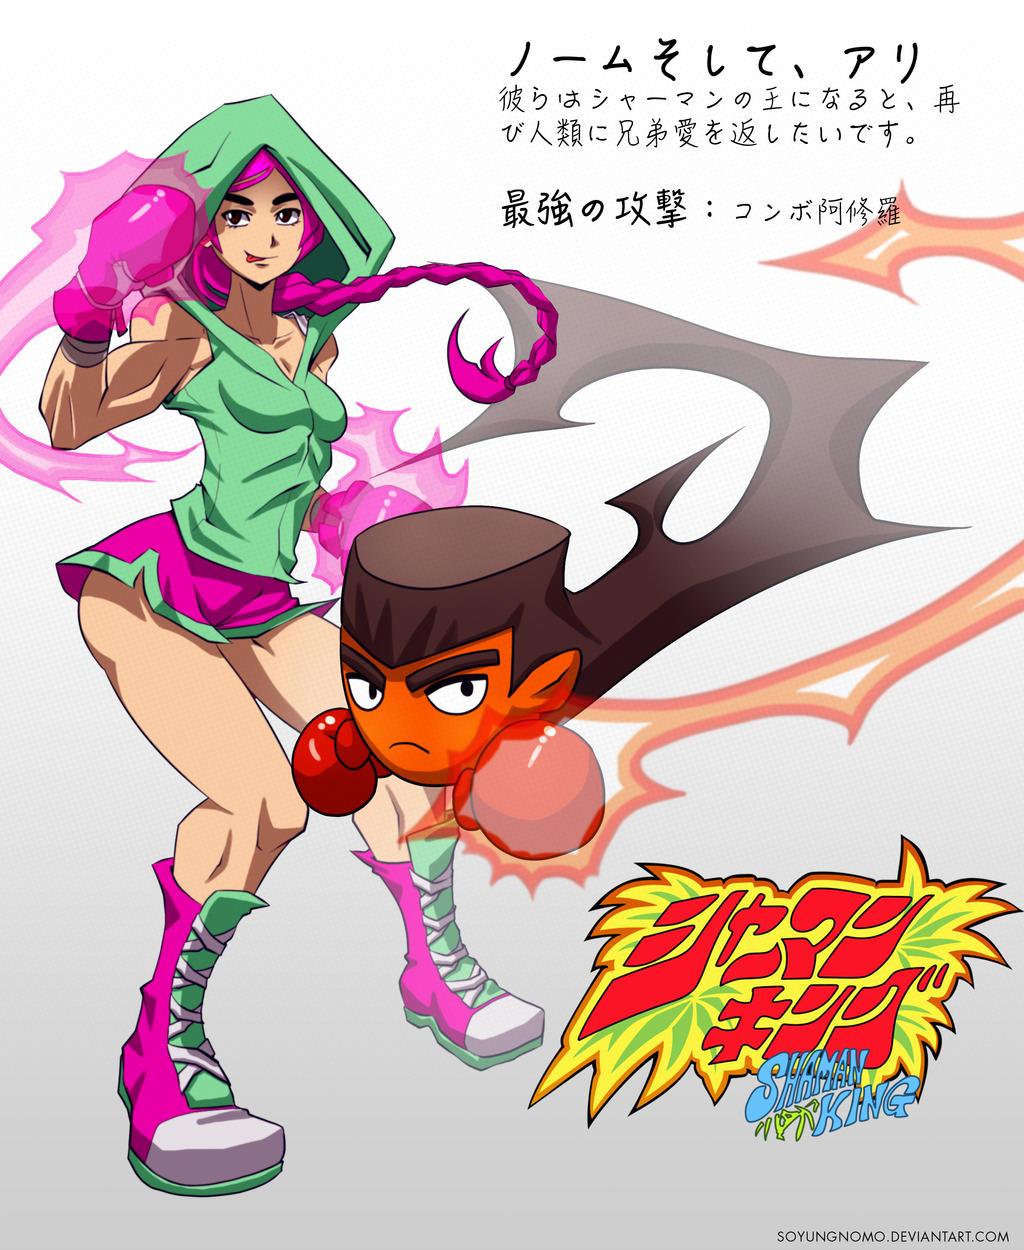 SoyUnGnomo's Profile Picture